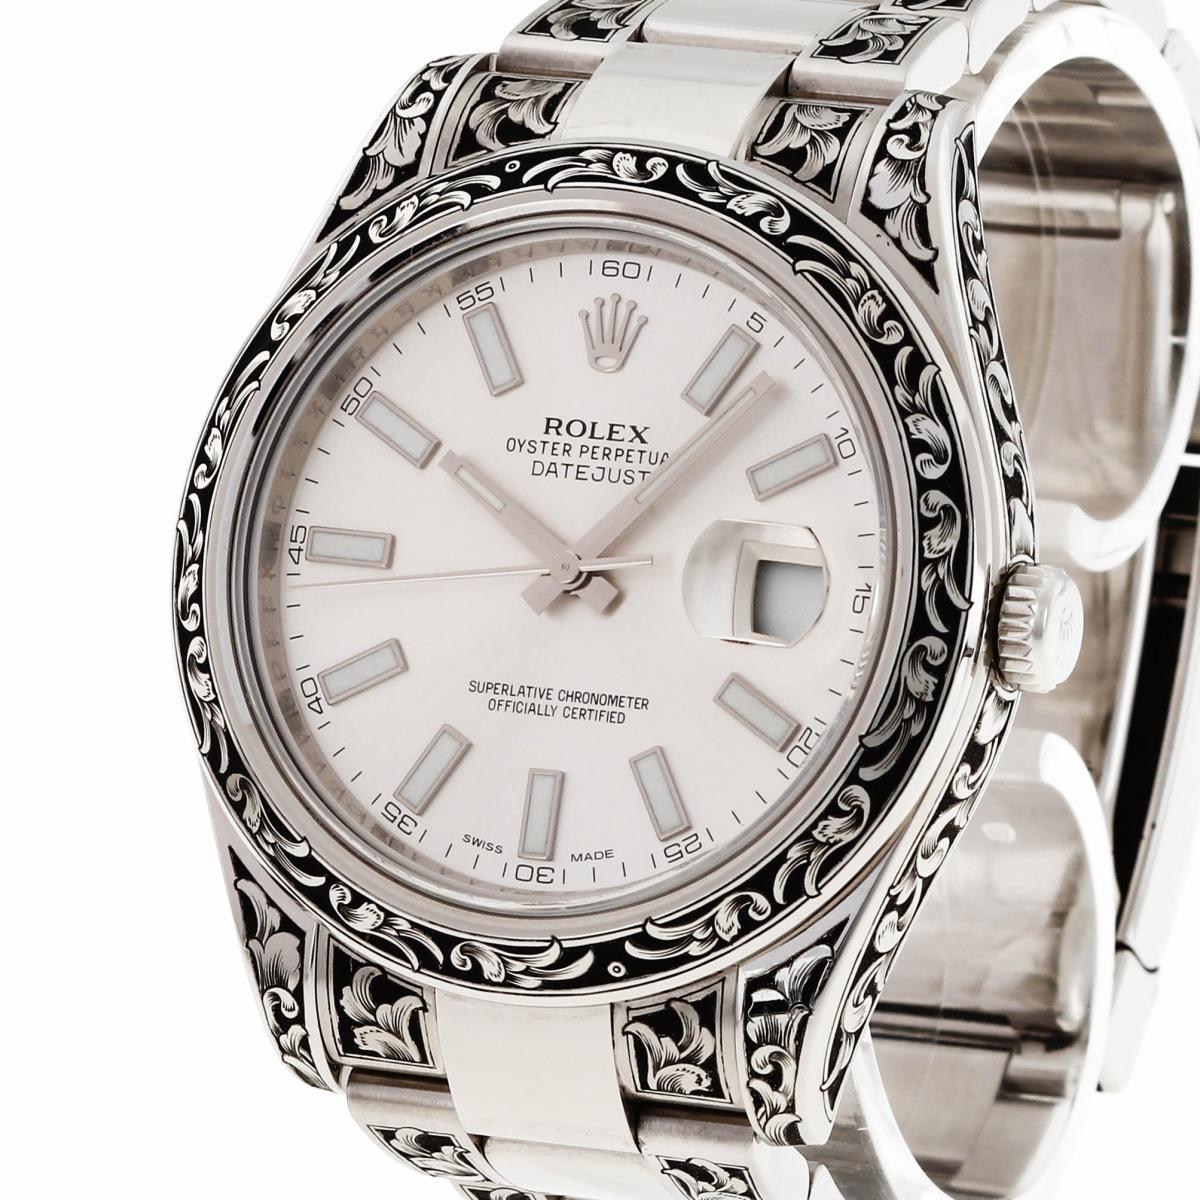 Rolex Datejust 41mm Handgraviert Ref. 116300